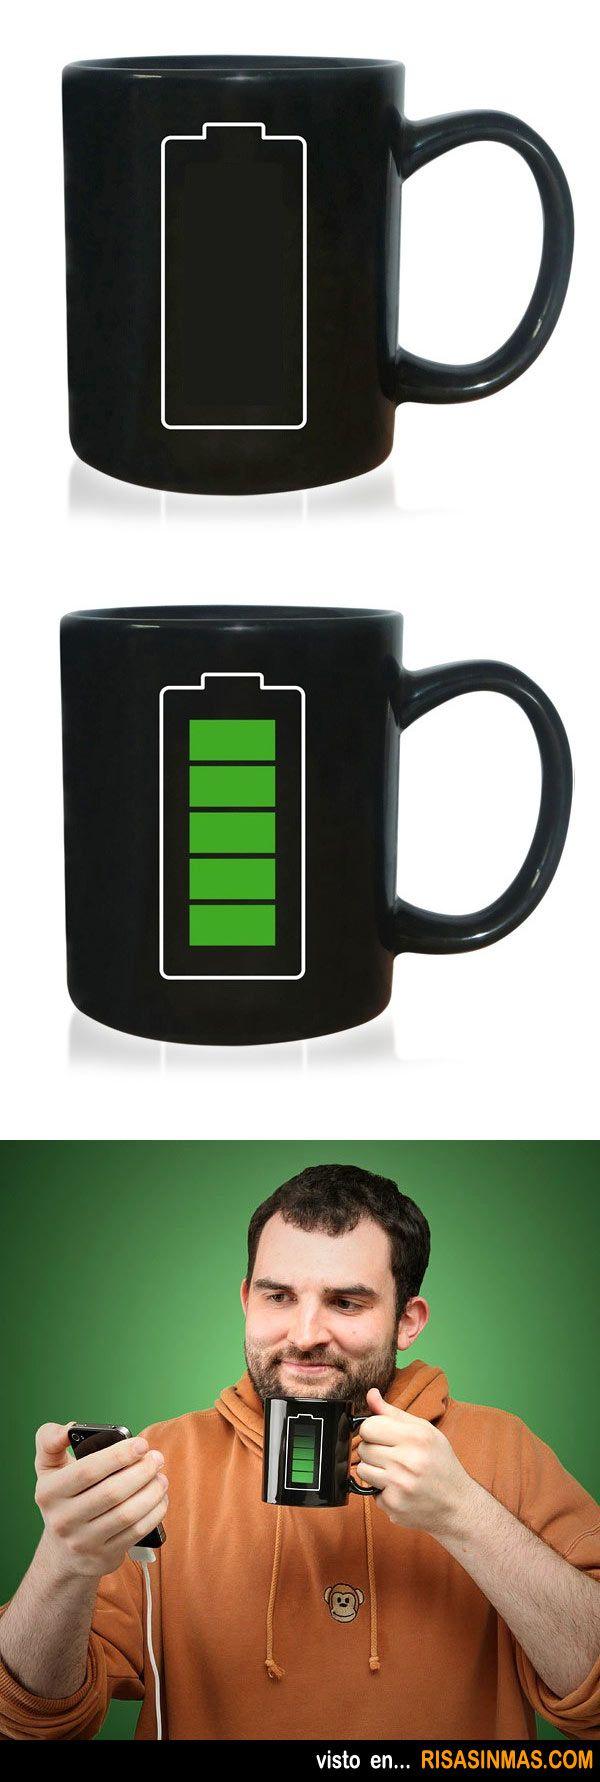 Tazas de café originales: BateríaCuando la taza se calienta el gráfico de carga de batería comienza a cargarse.